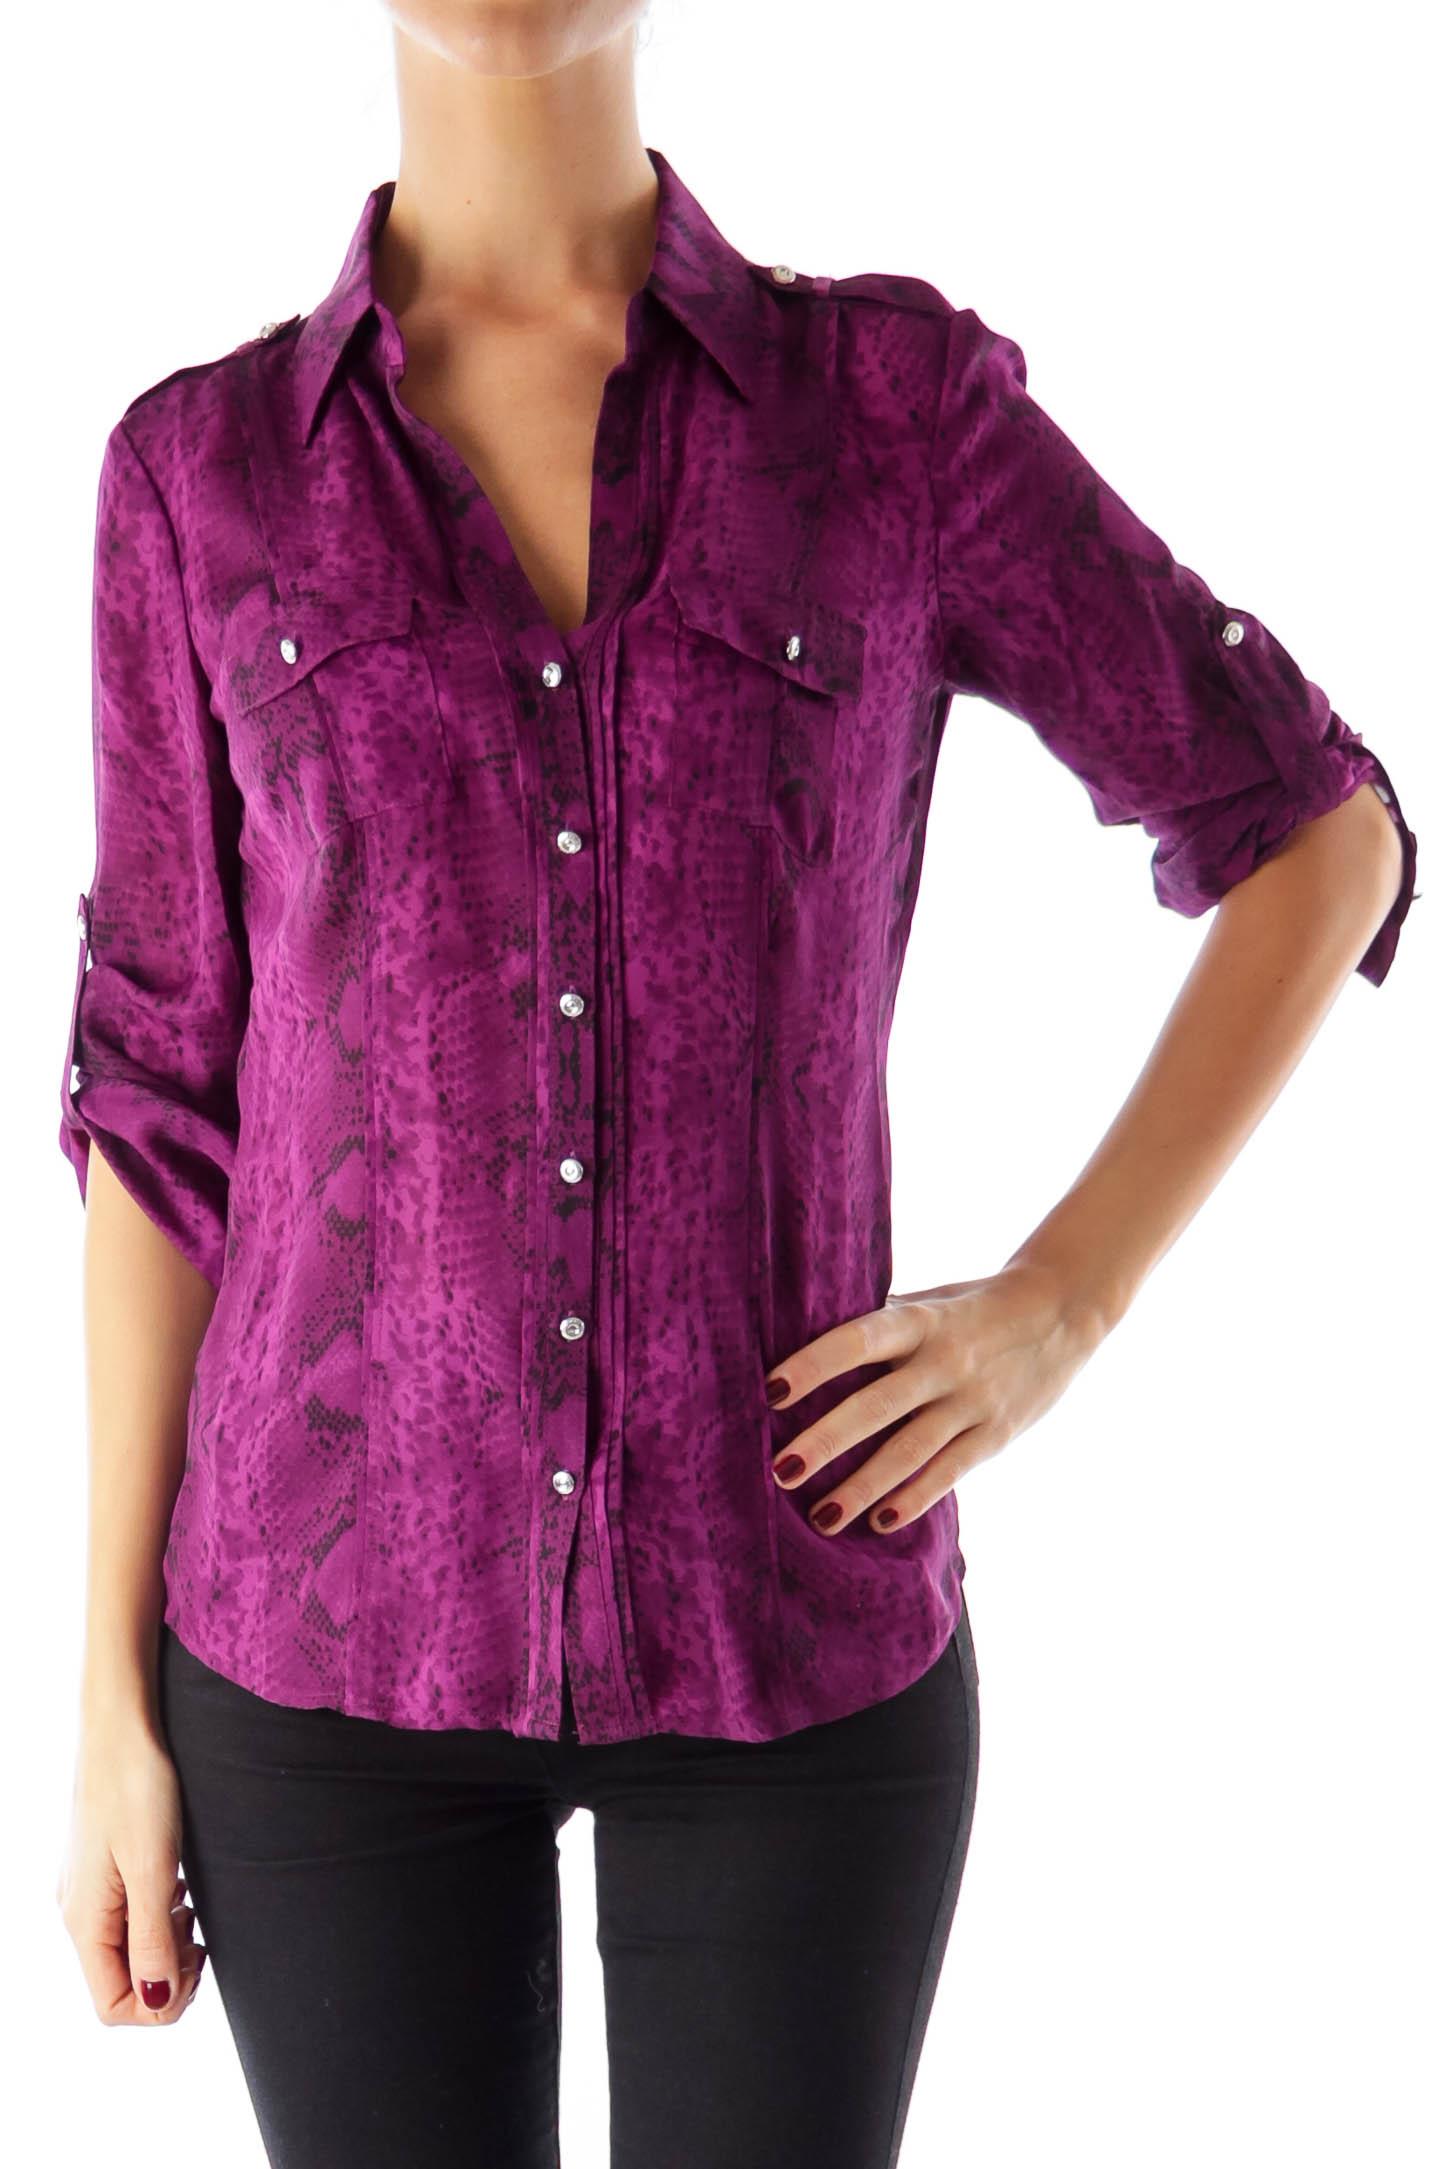 Purple Animal Print Blouse 0 Silkroll